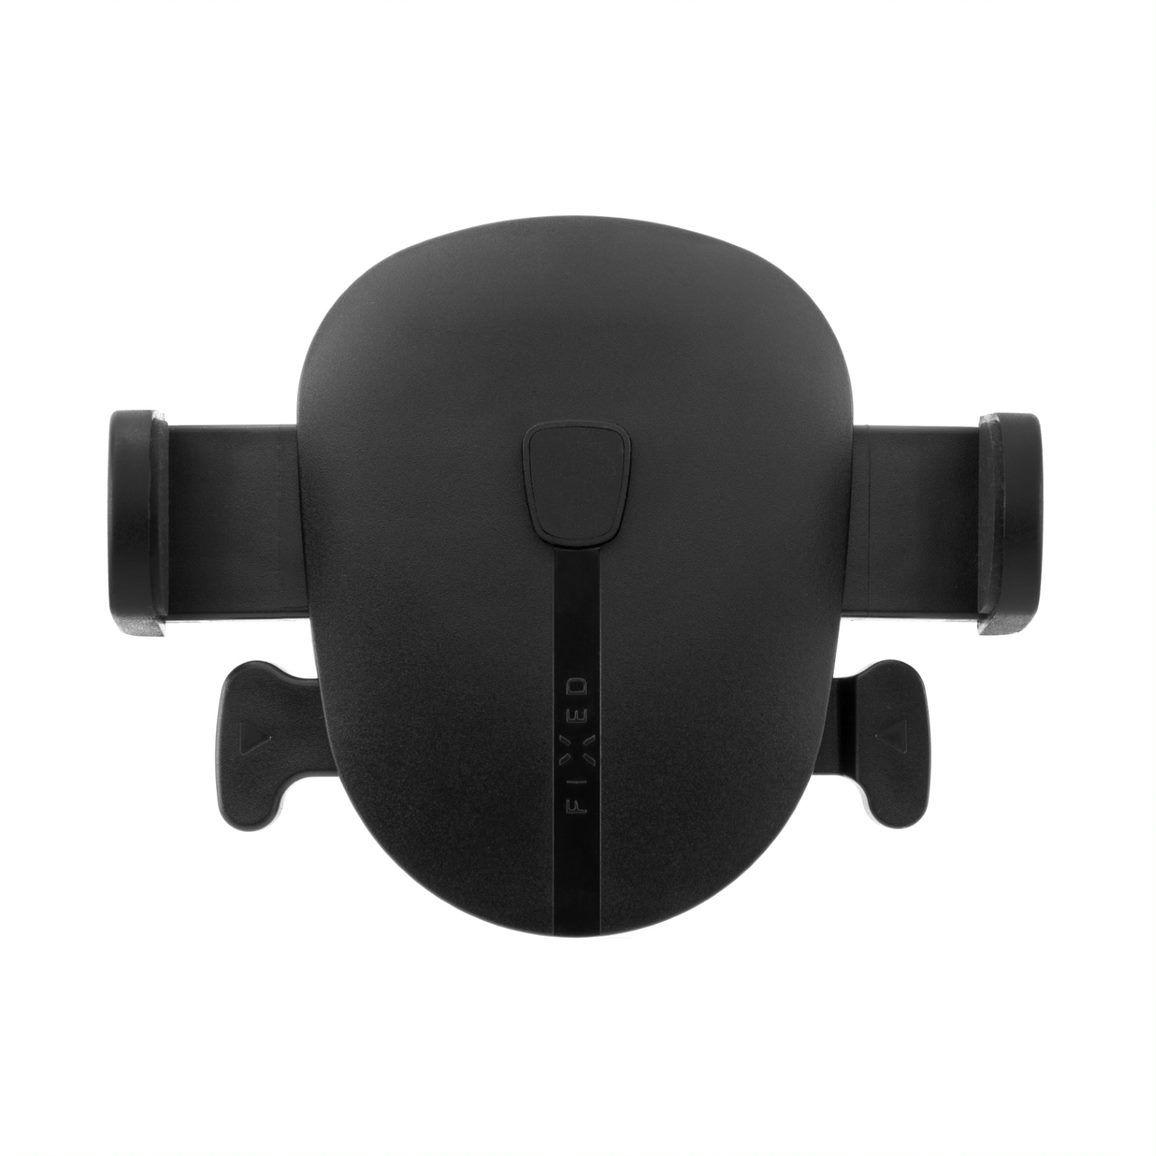 Univerzální držák FIXED Click Vent s uchycením do mřížky ventilace, černá